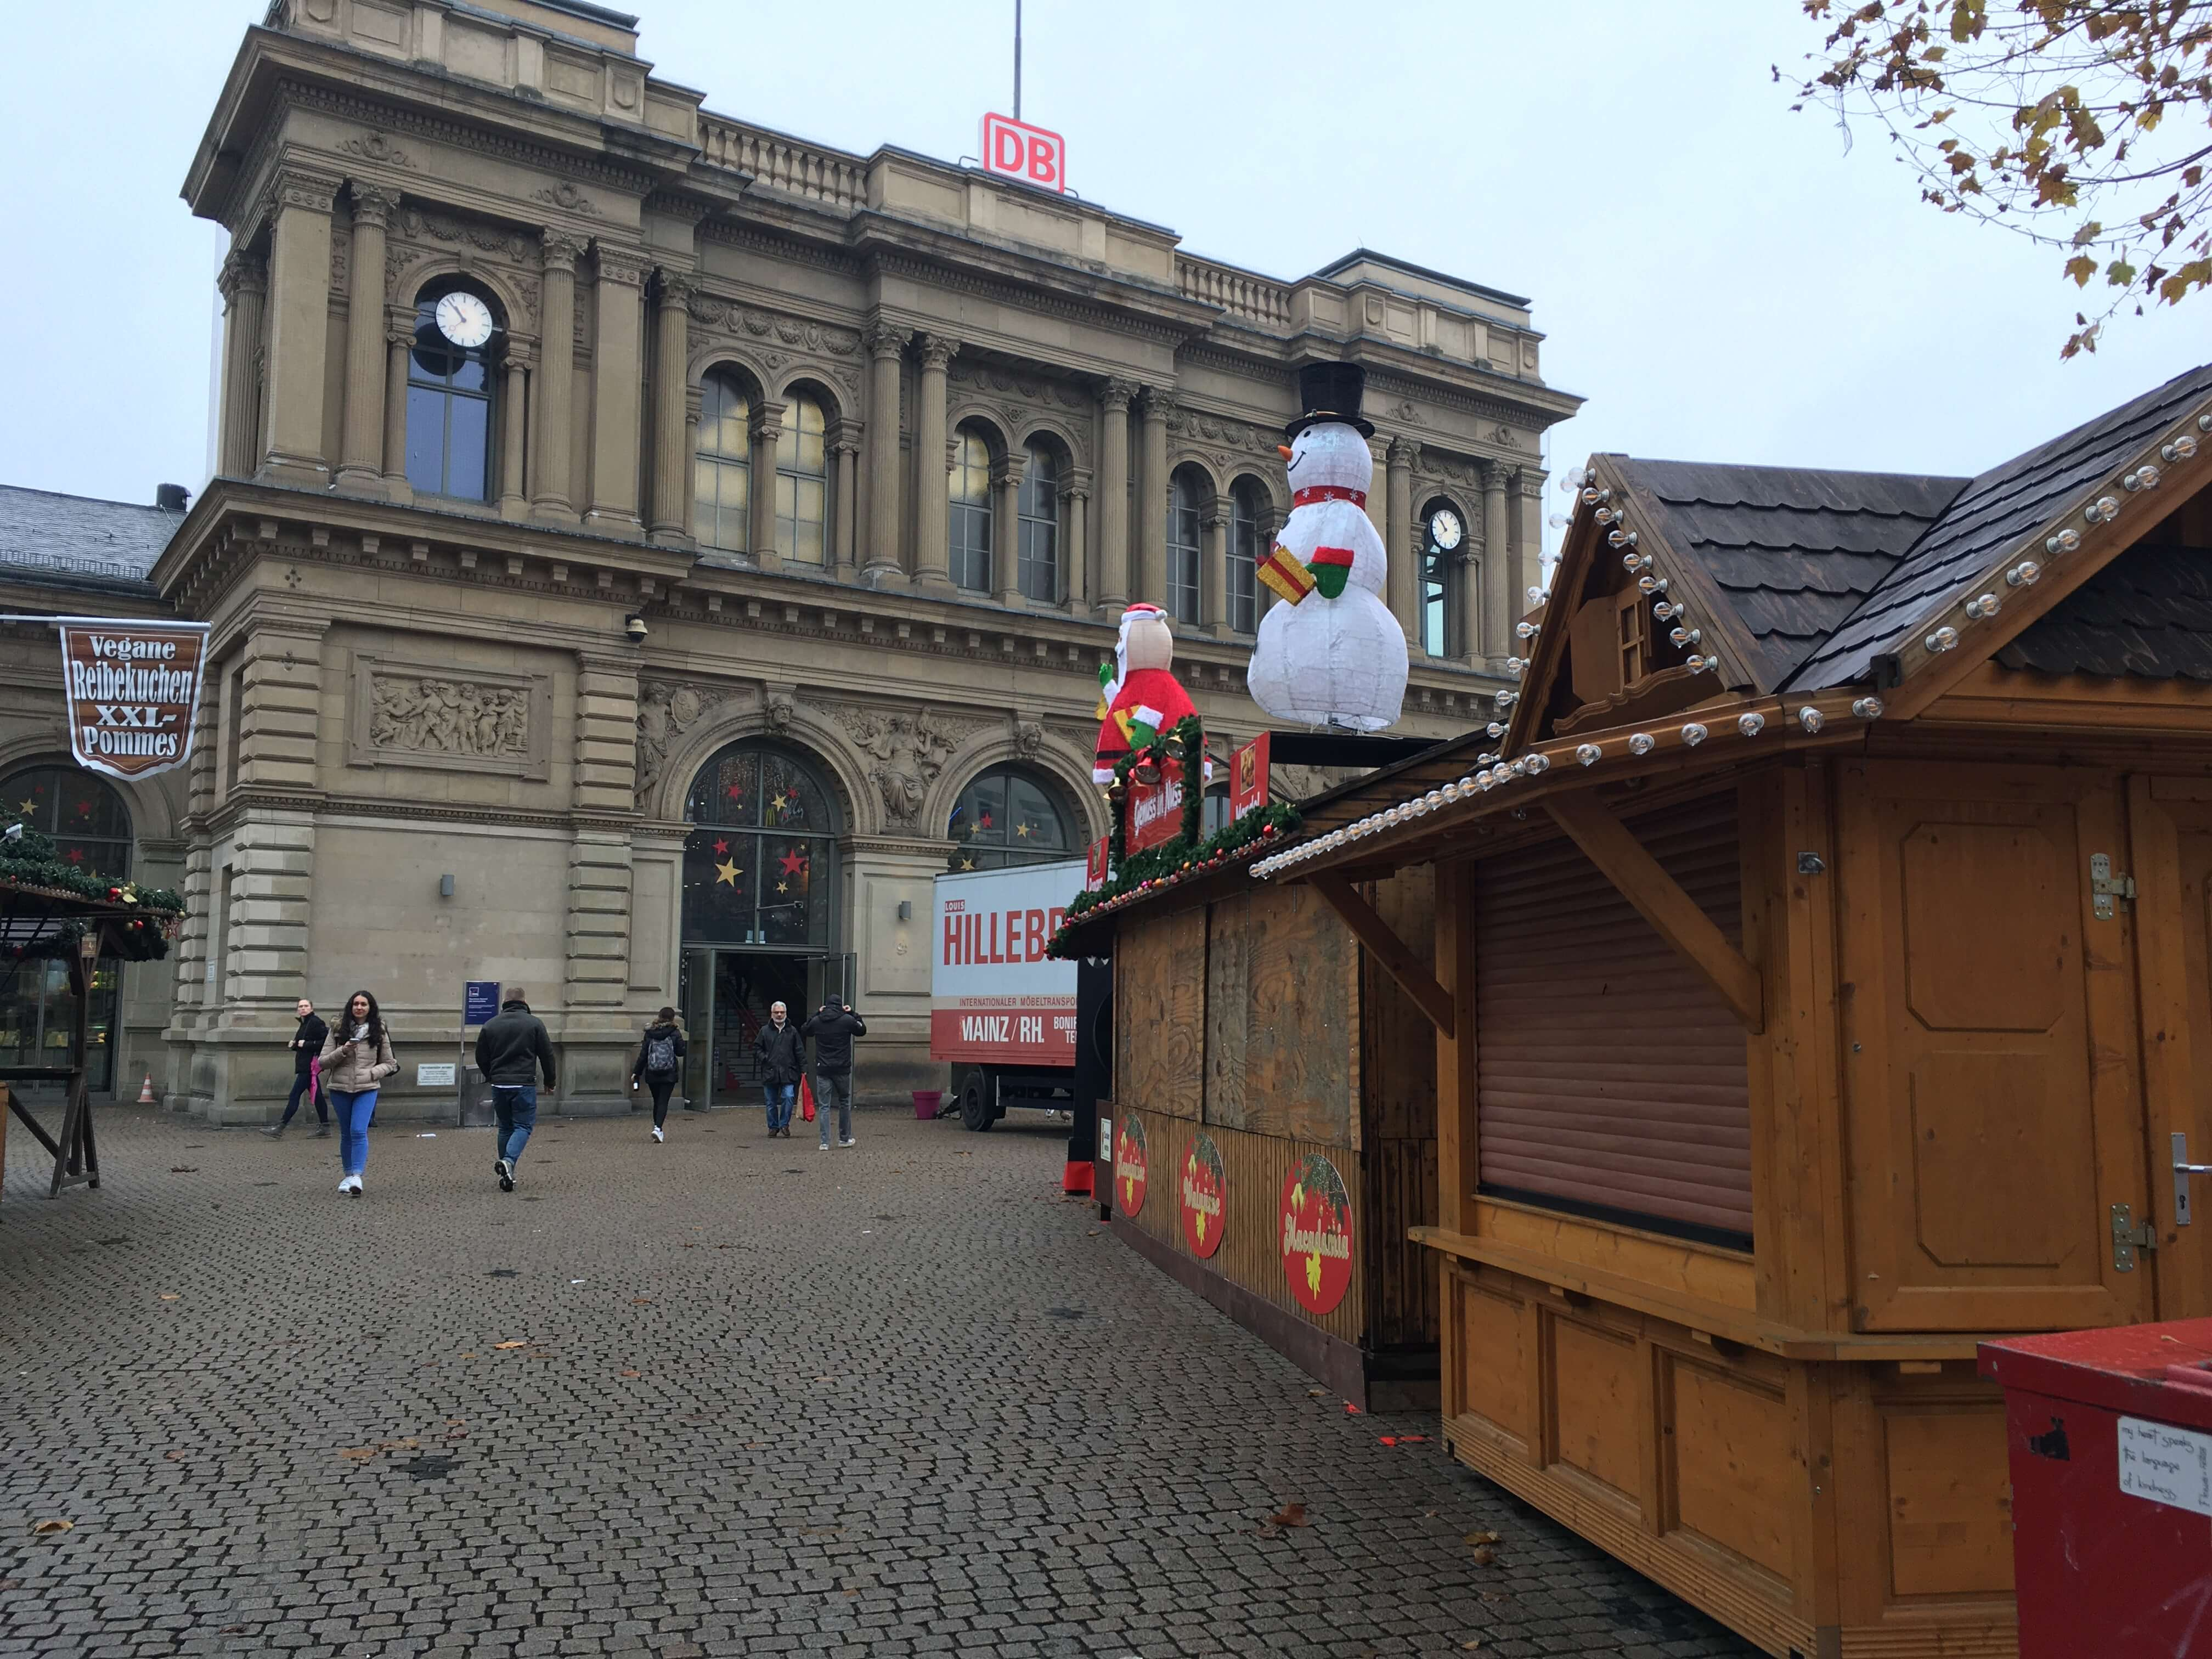 2019年も残りわずか!クリスマスマーケットの季節がやってくる!!